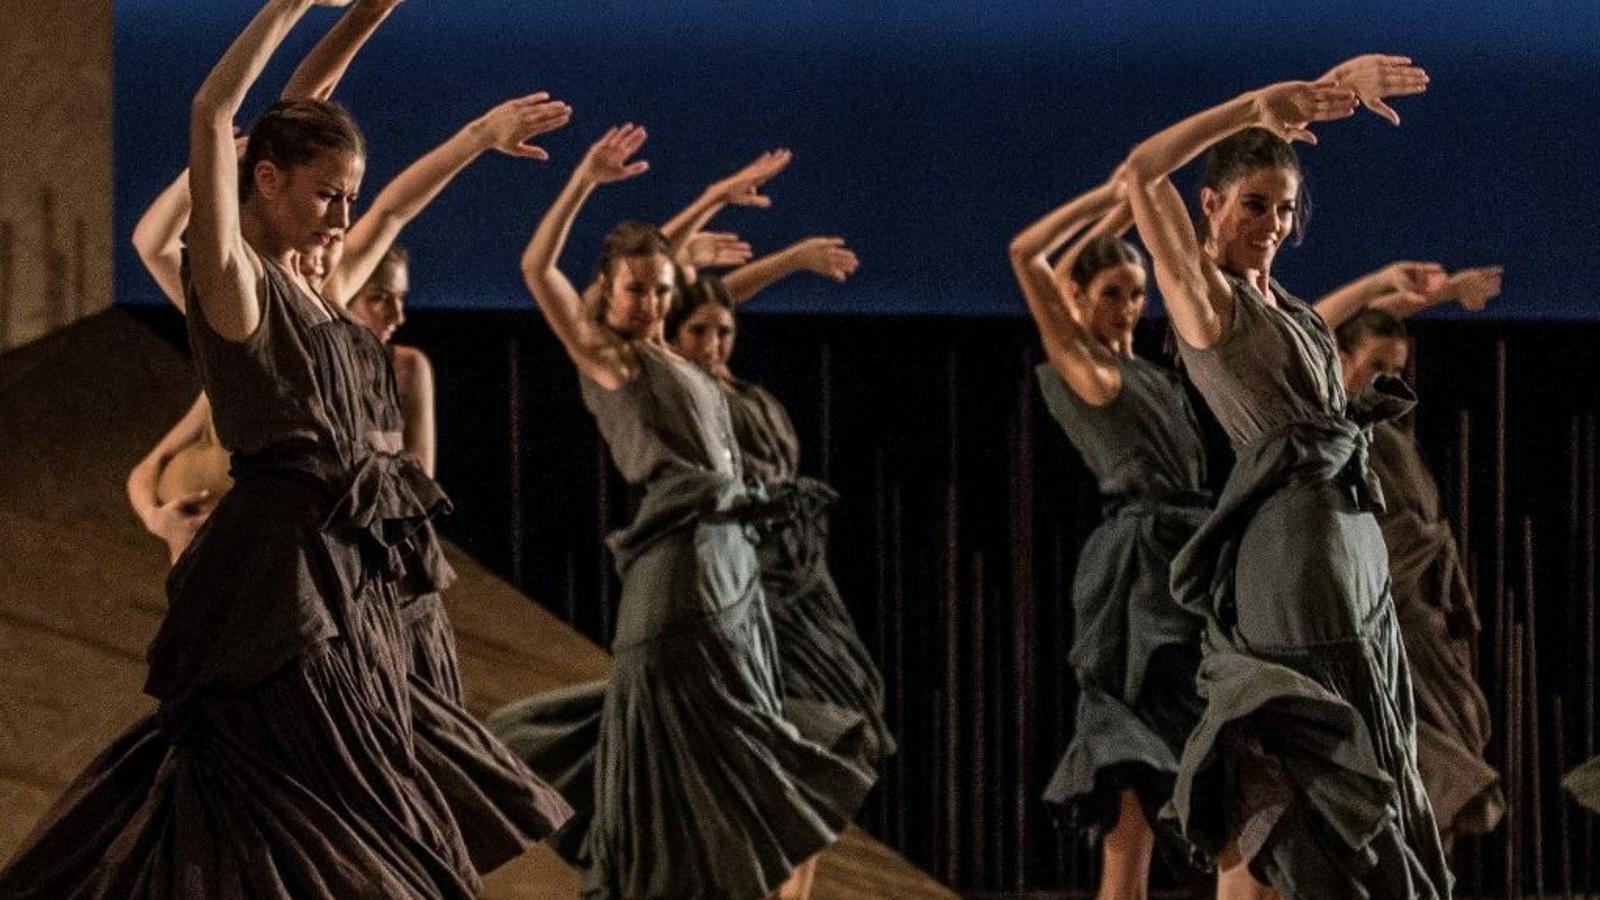 'Electra' és el darrer espetacle de la BNE que es va veure al Teatre Auditori de Sant Cugat